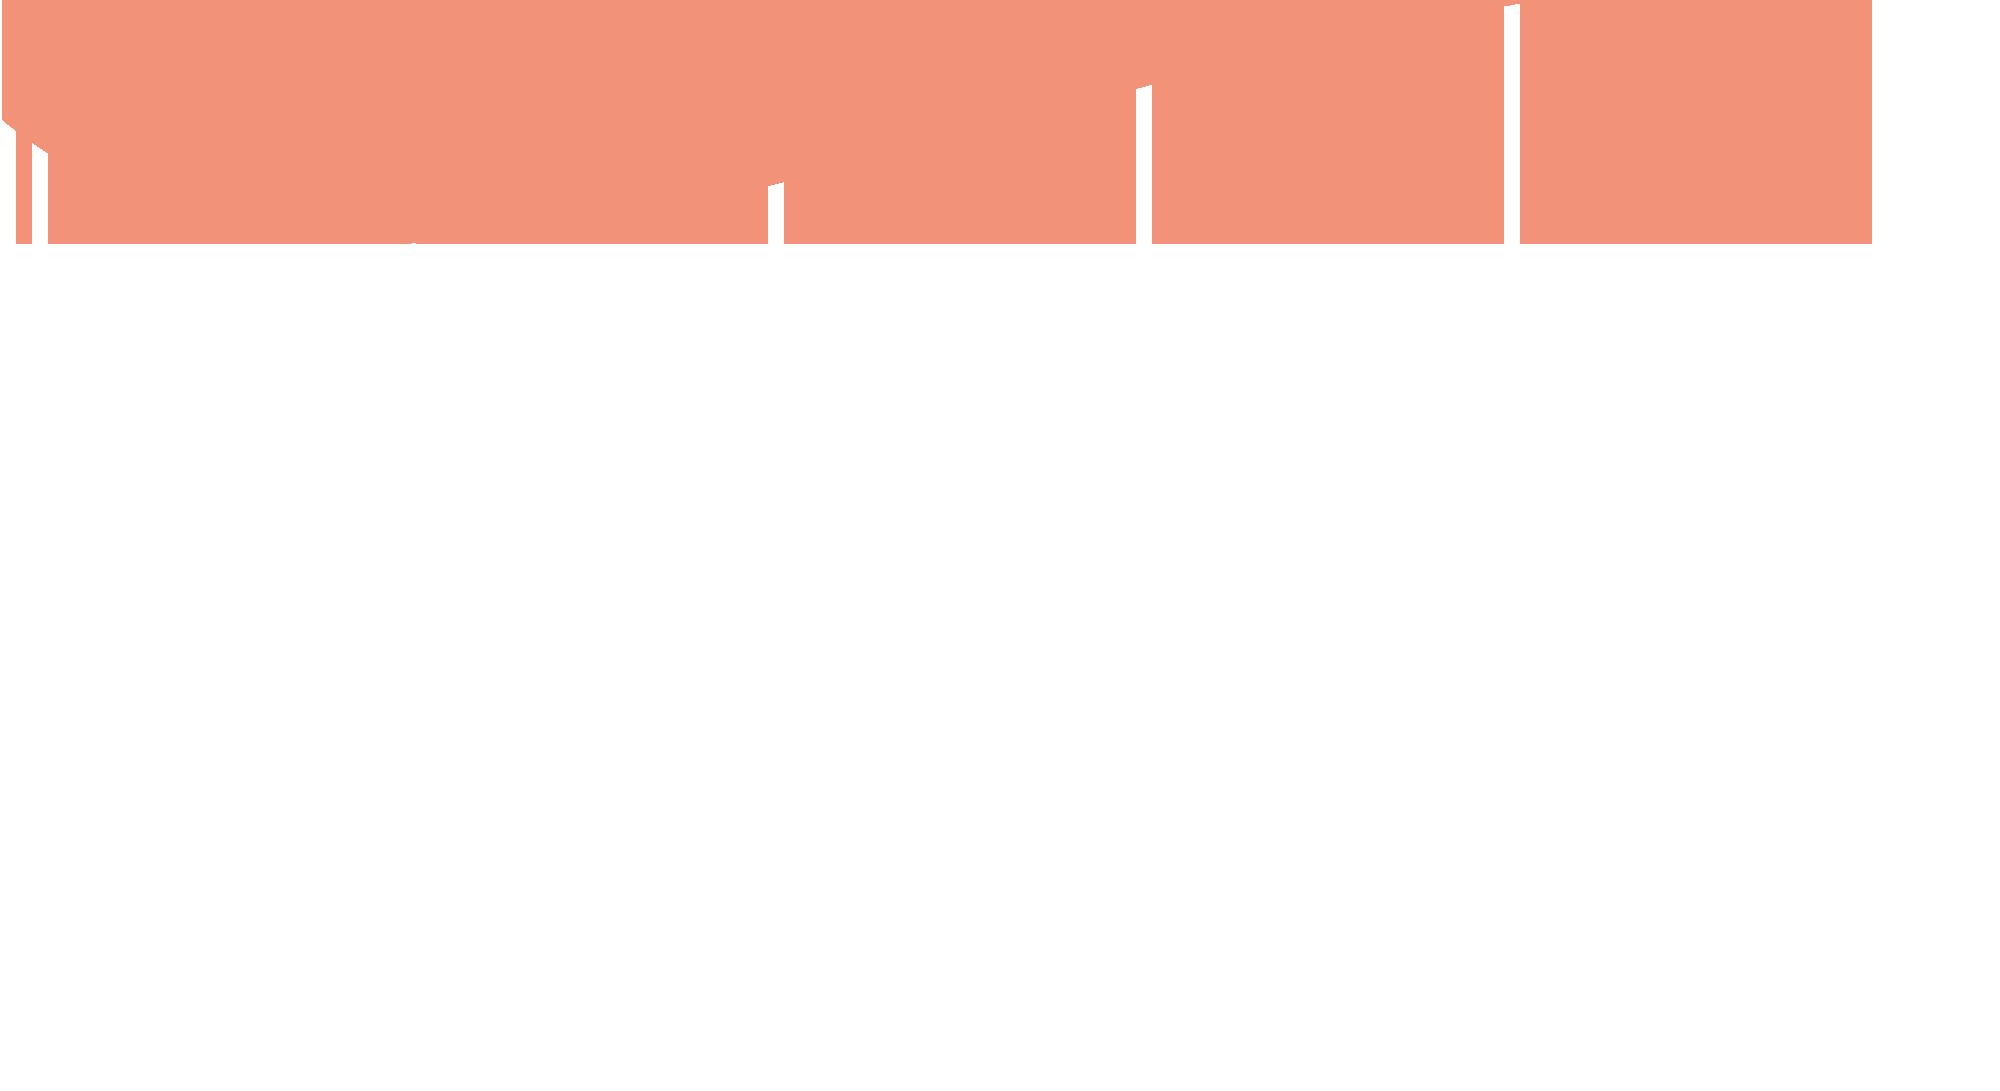 Vlot Vleeskenner